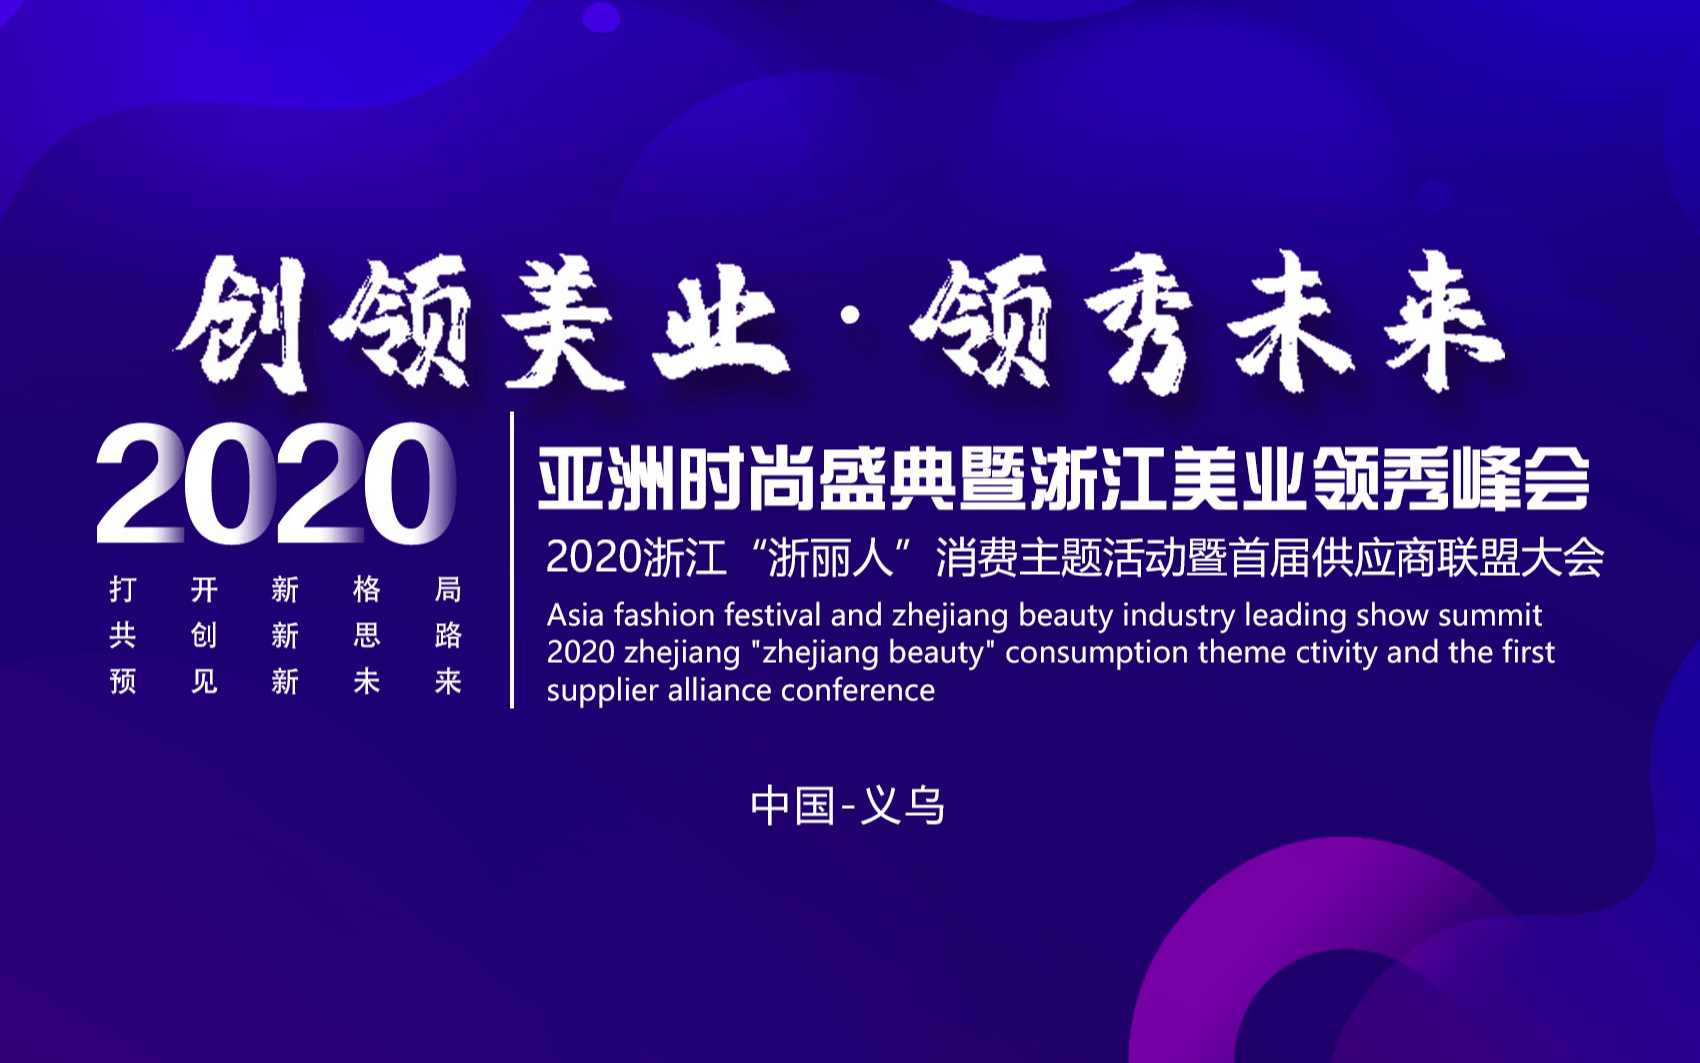 2020亚洲时尚盛典暨浙江美业领秀峰会(义乌)